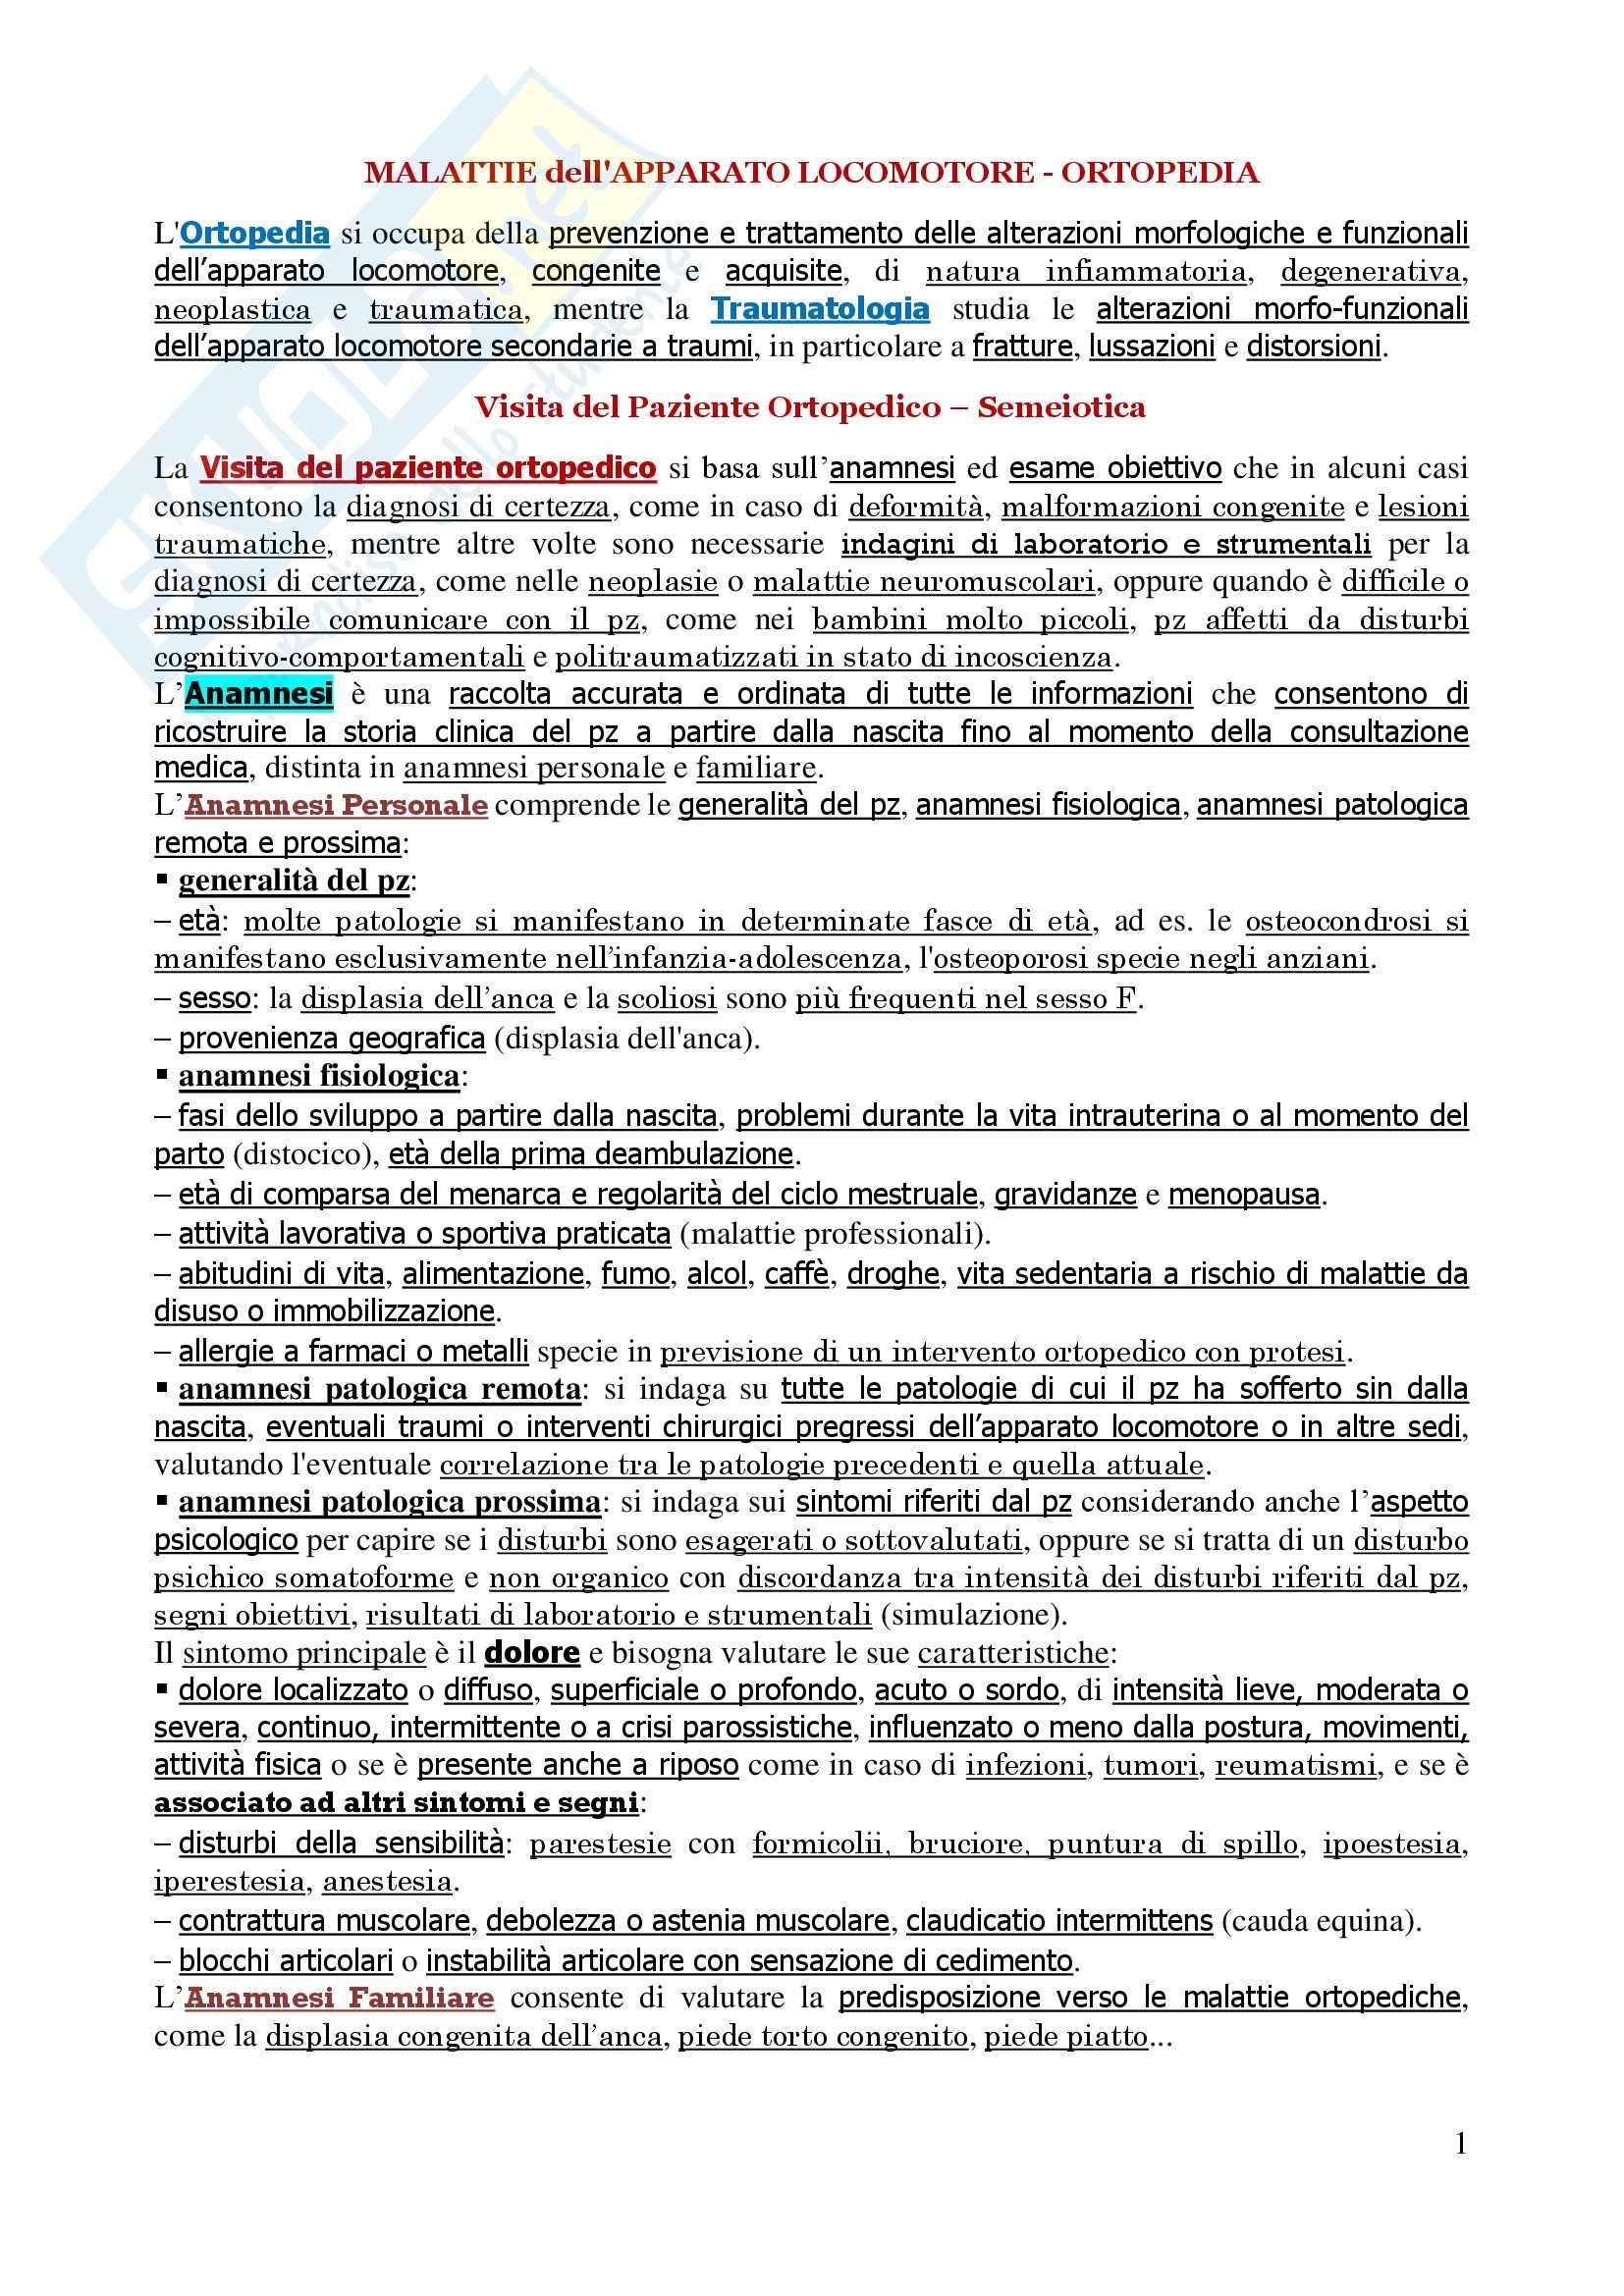 Malattie dell'apparato locomotore - Corso completo Pag. 2